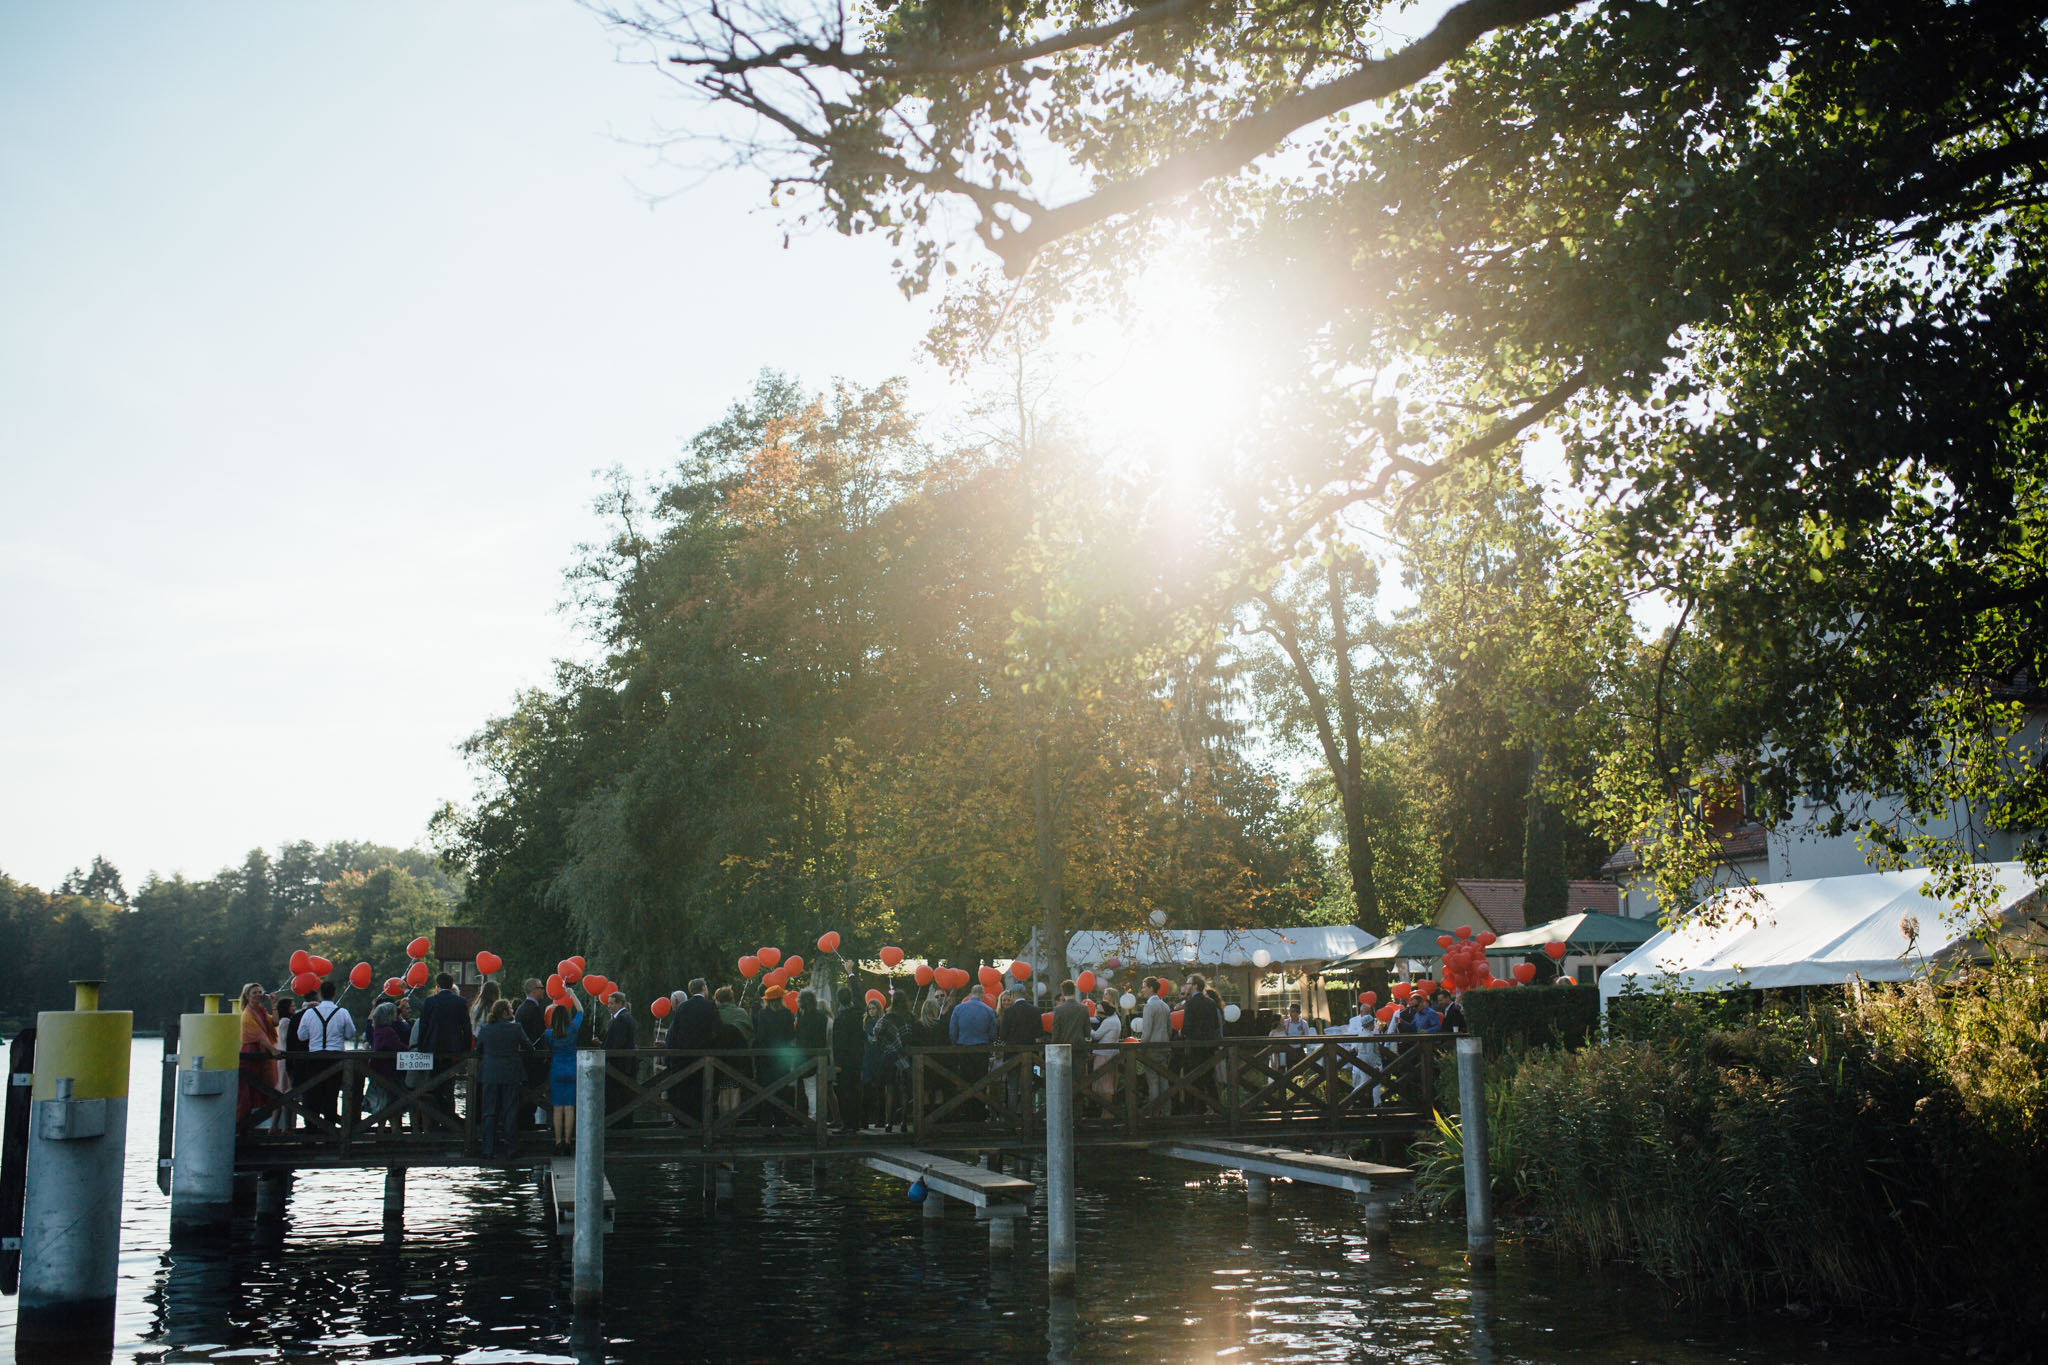 hochzeitsreportage-brandenburg-luftballons-werbellinsee-cafe-wildau